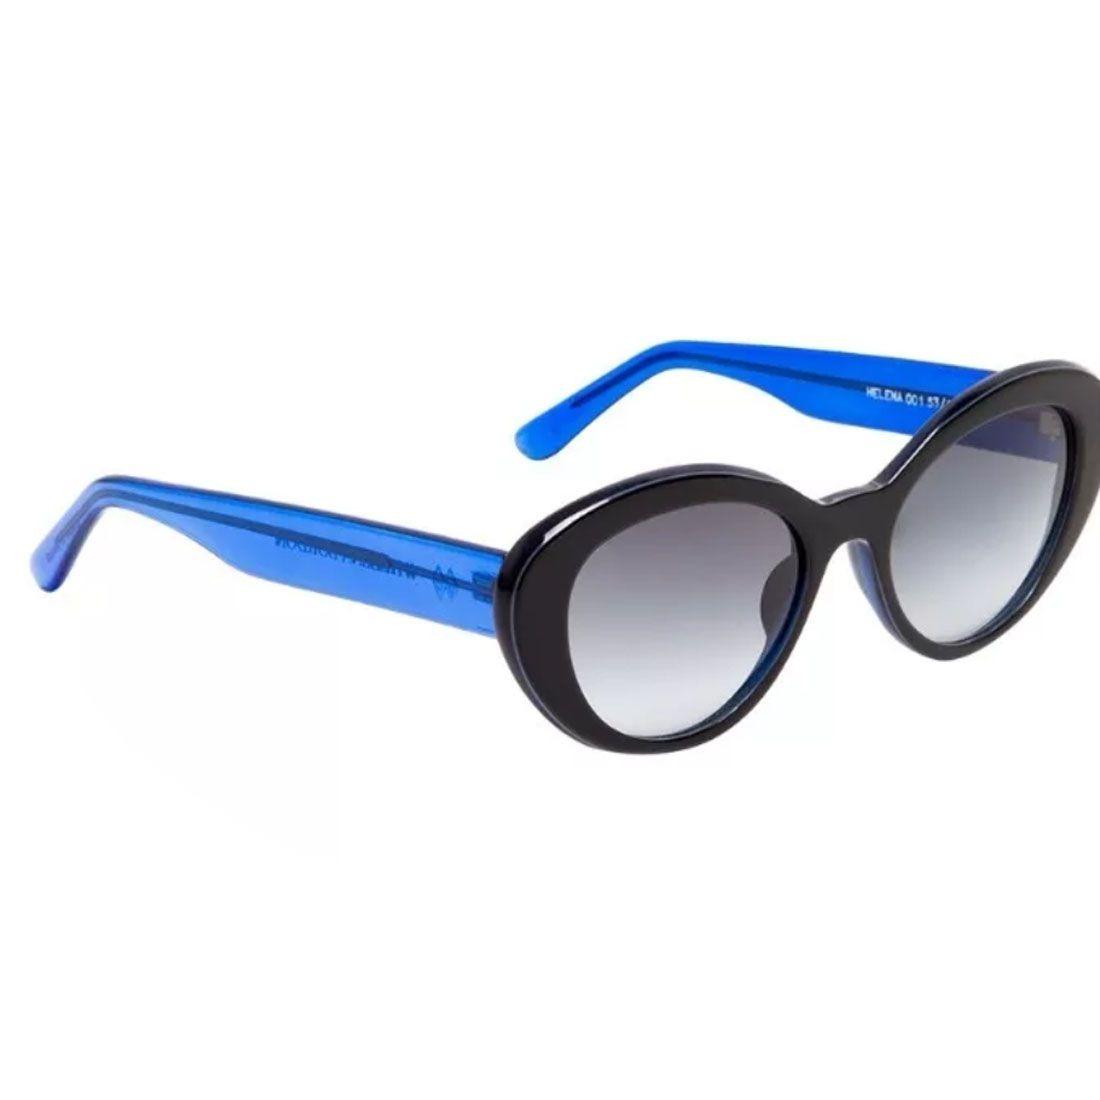 11f7e0fba1585 óculos de sol helena bordon preto   azul. Carregando zoom.